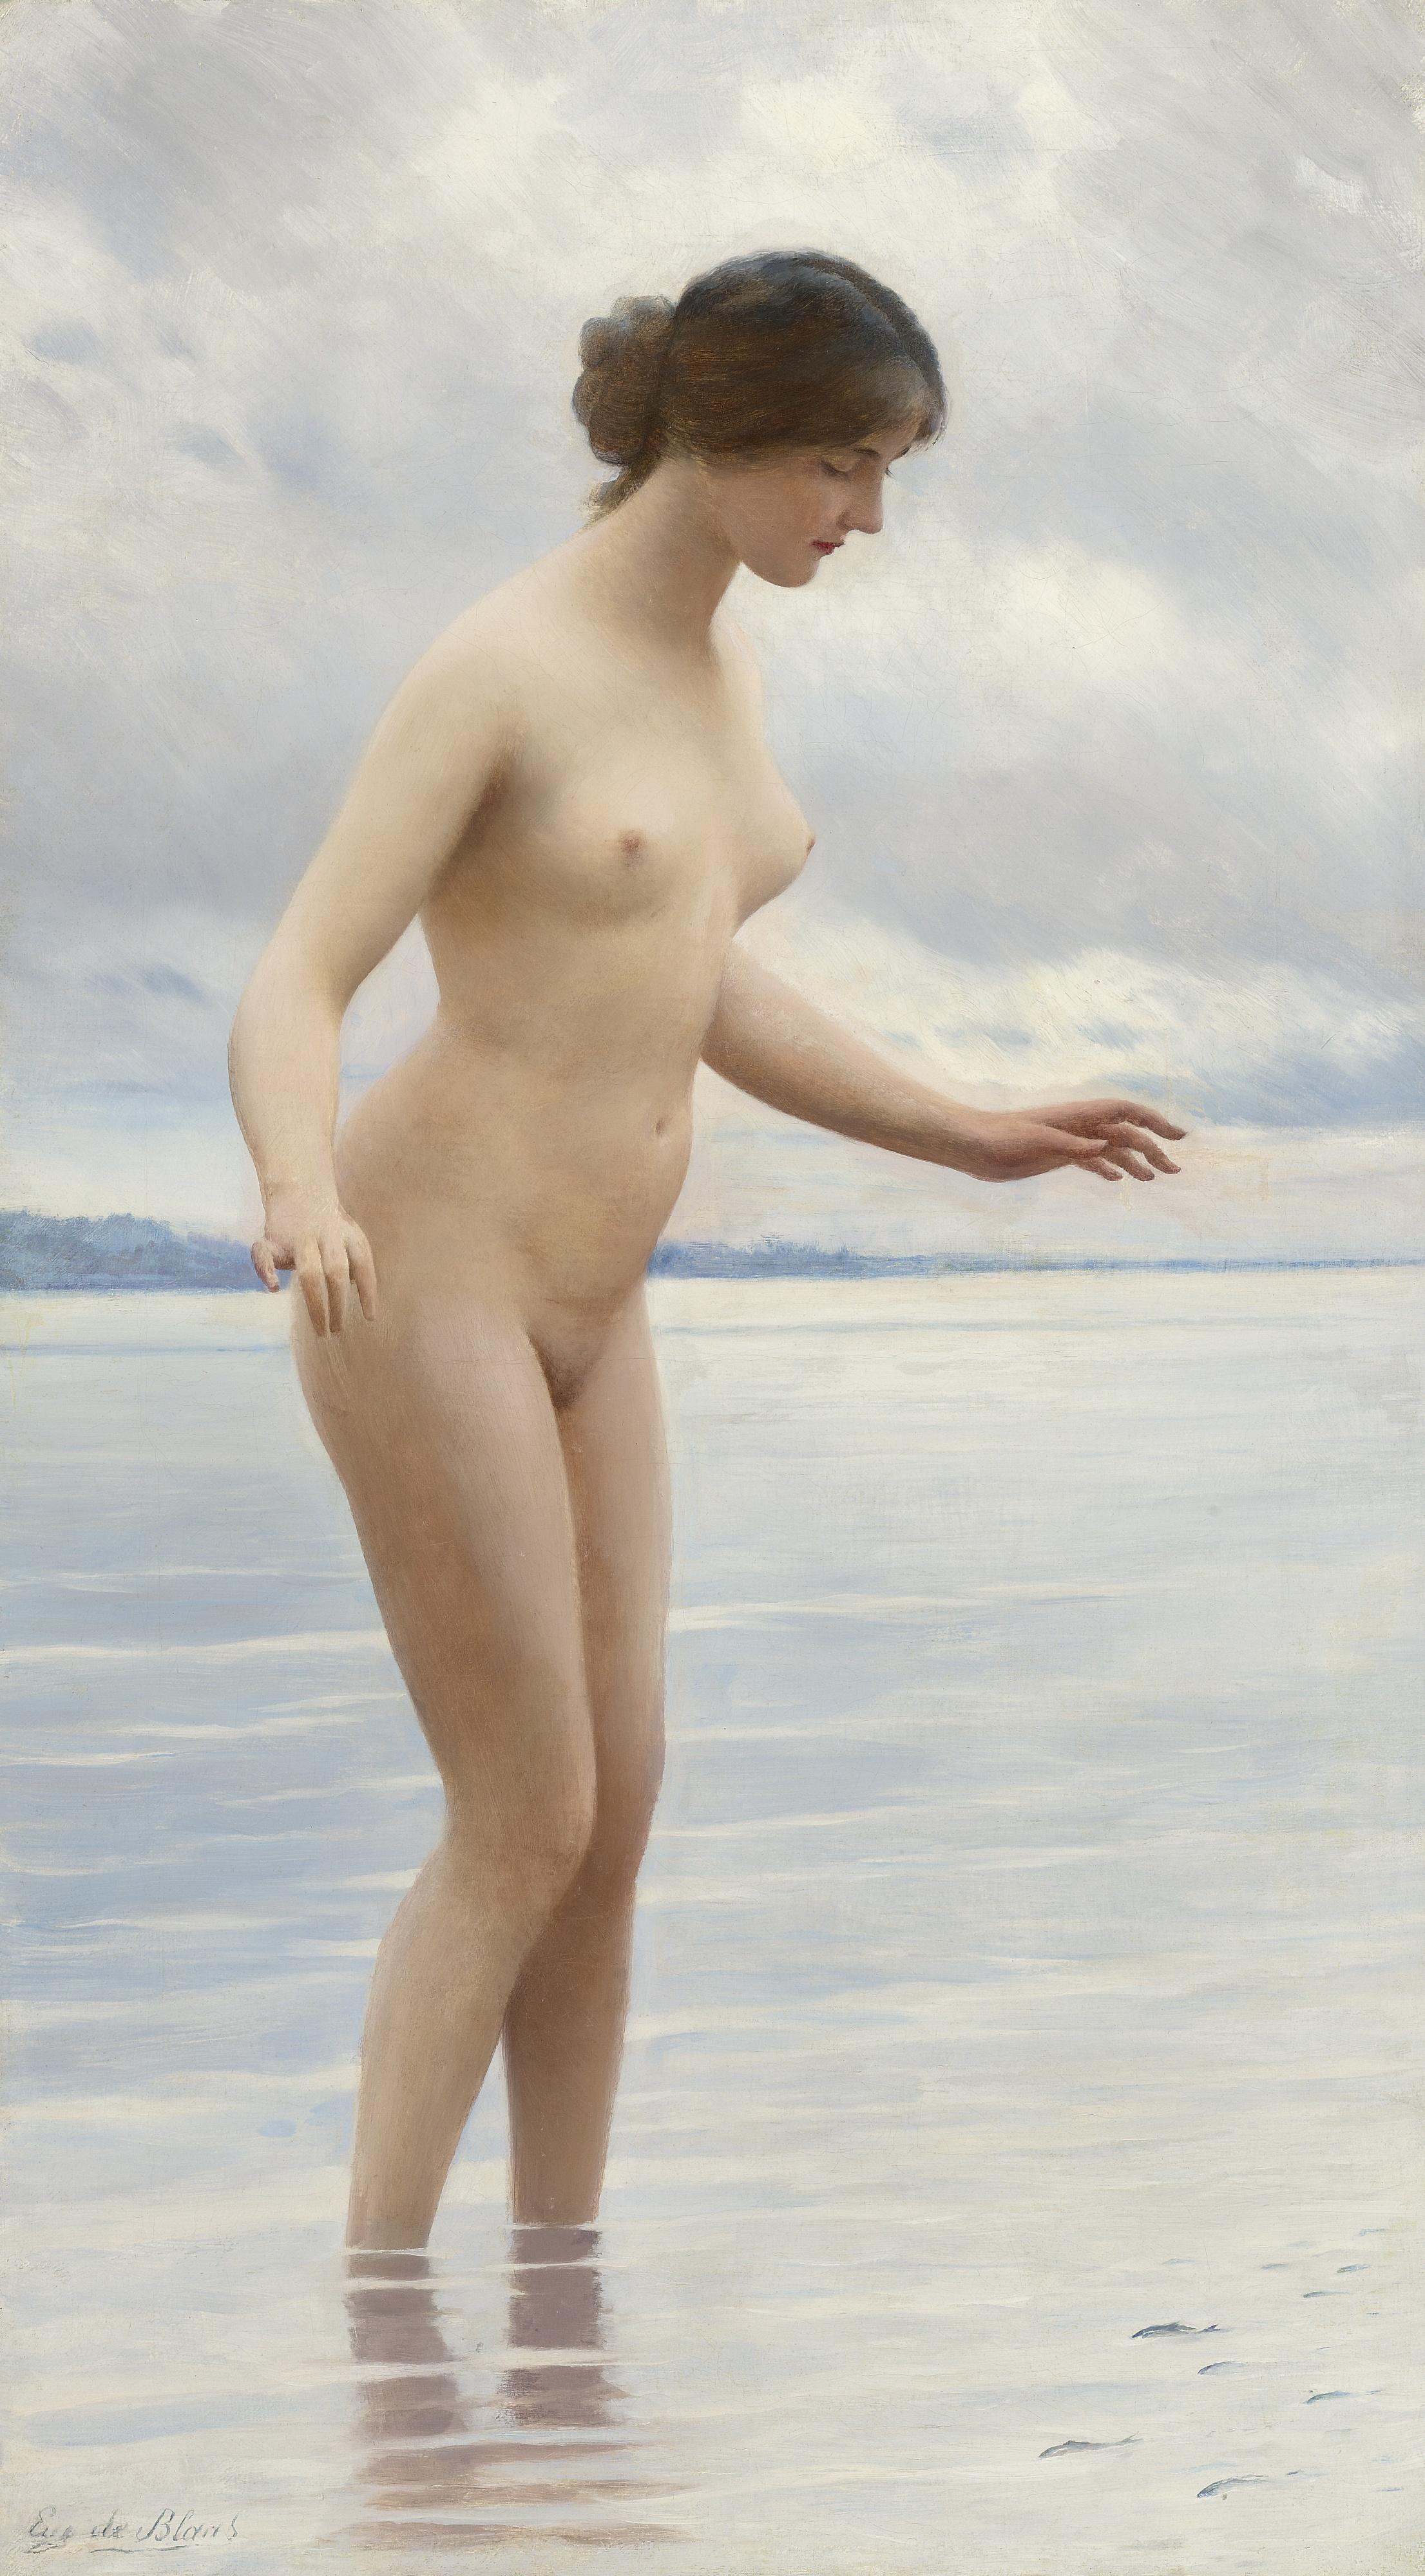 Eugen von Blaas, 1843-1931. В воде. 80.3 х 45 см. Частная коллекция